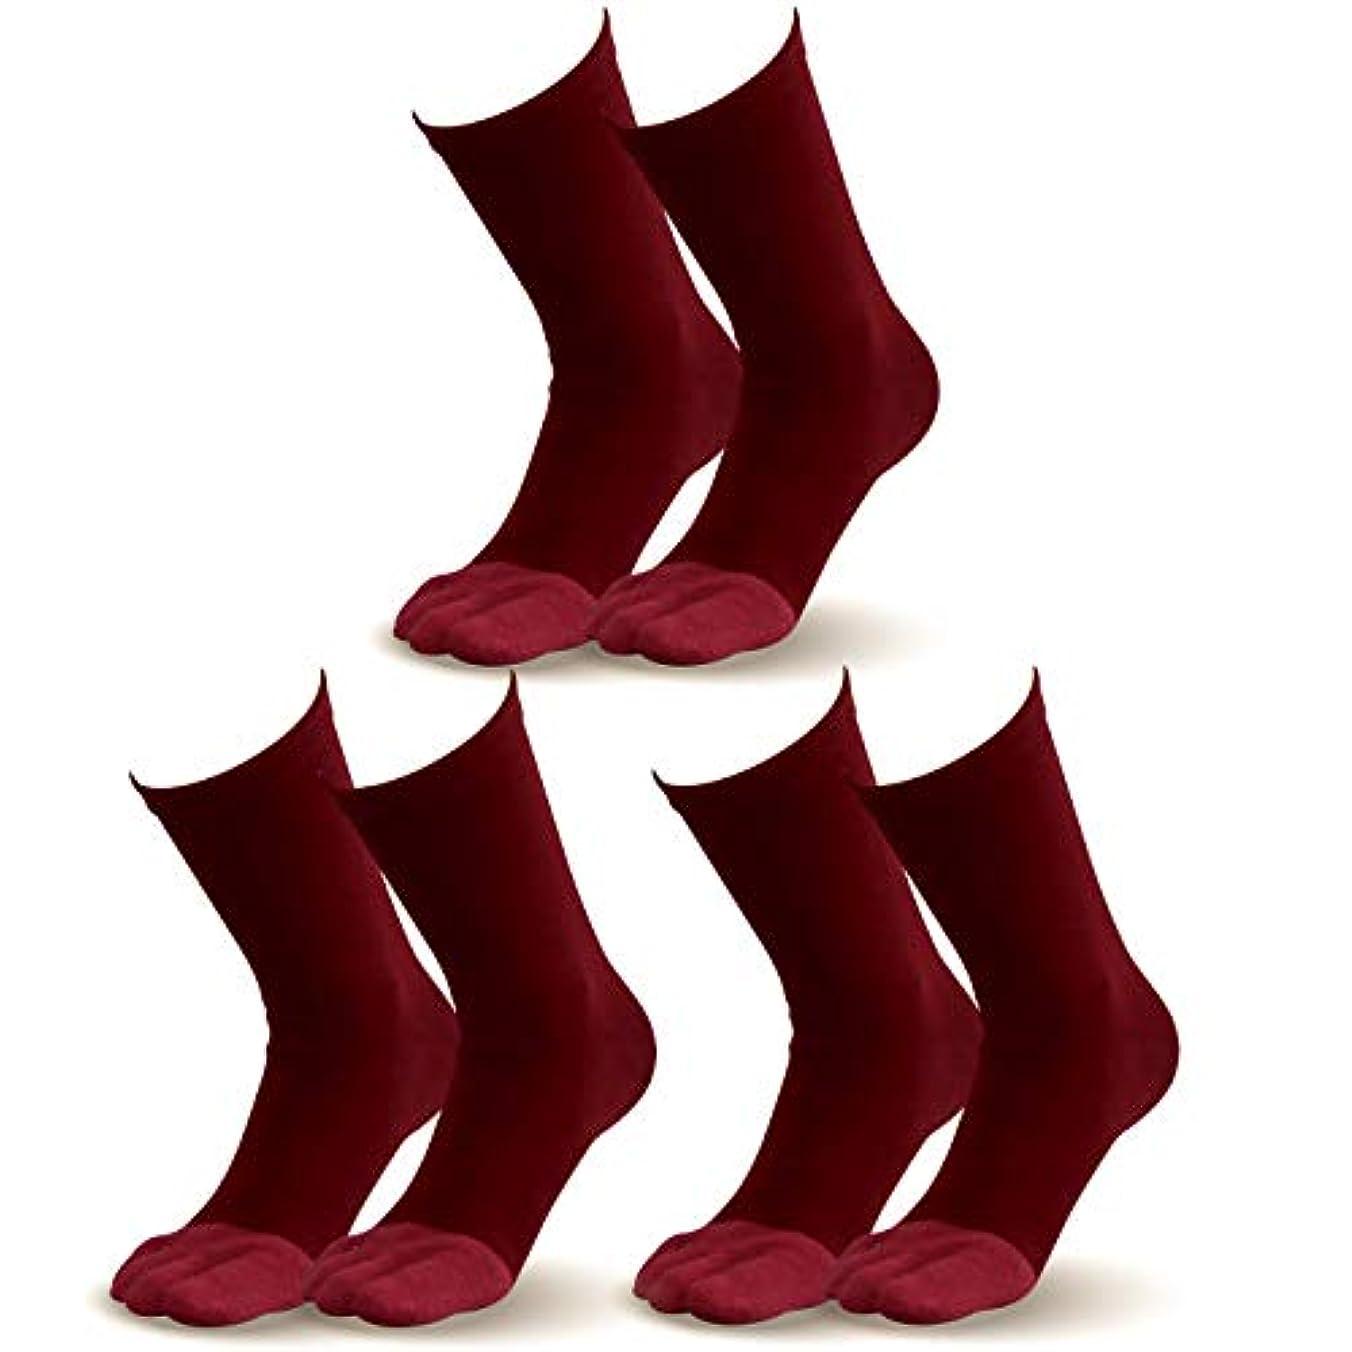 覚醒気分が良い雪だるまを作る【指先まであったか靴下】とってもお得な3足組 エンジ 新年 お正月 温かい暖かい 遠赤外線加工セラミック伸びる外反母趾対策健康5本指ソックス